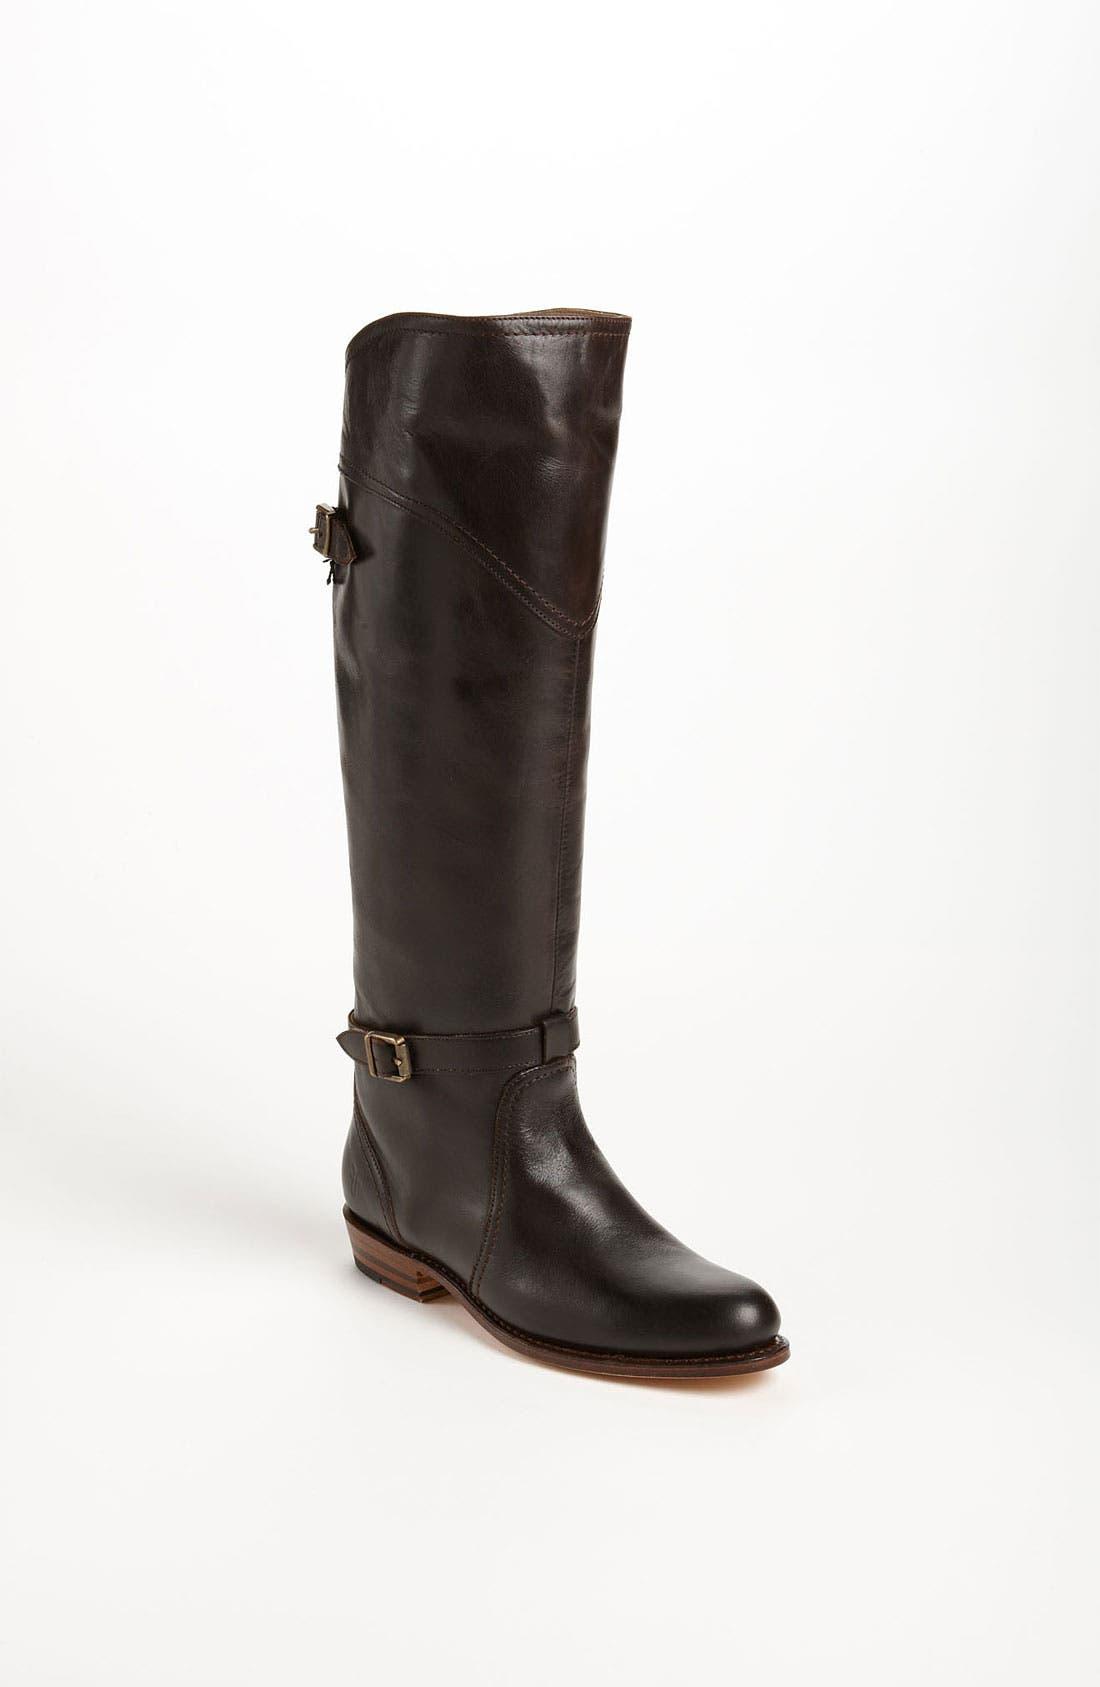 Main Image - Frye 'Dorado' Riding Boot (Regular Retail Price: $547.95)